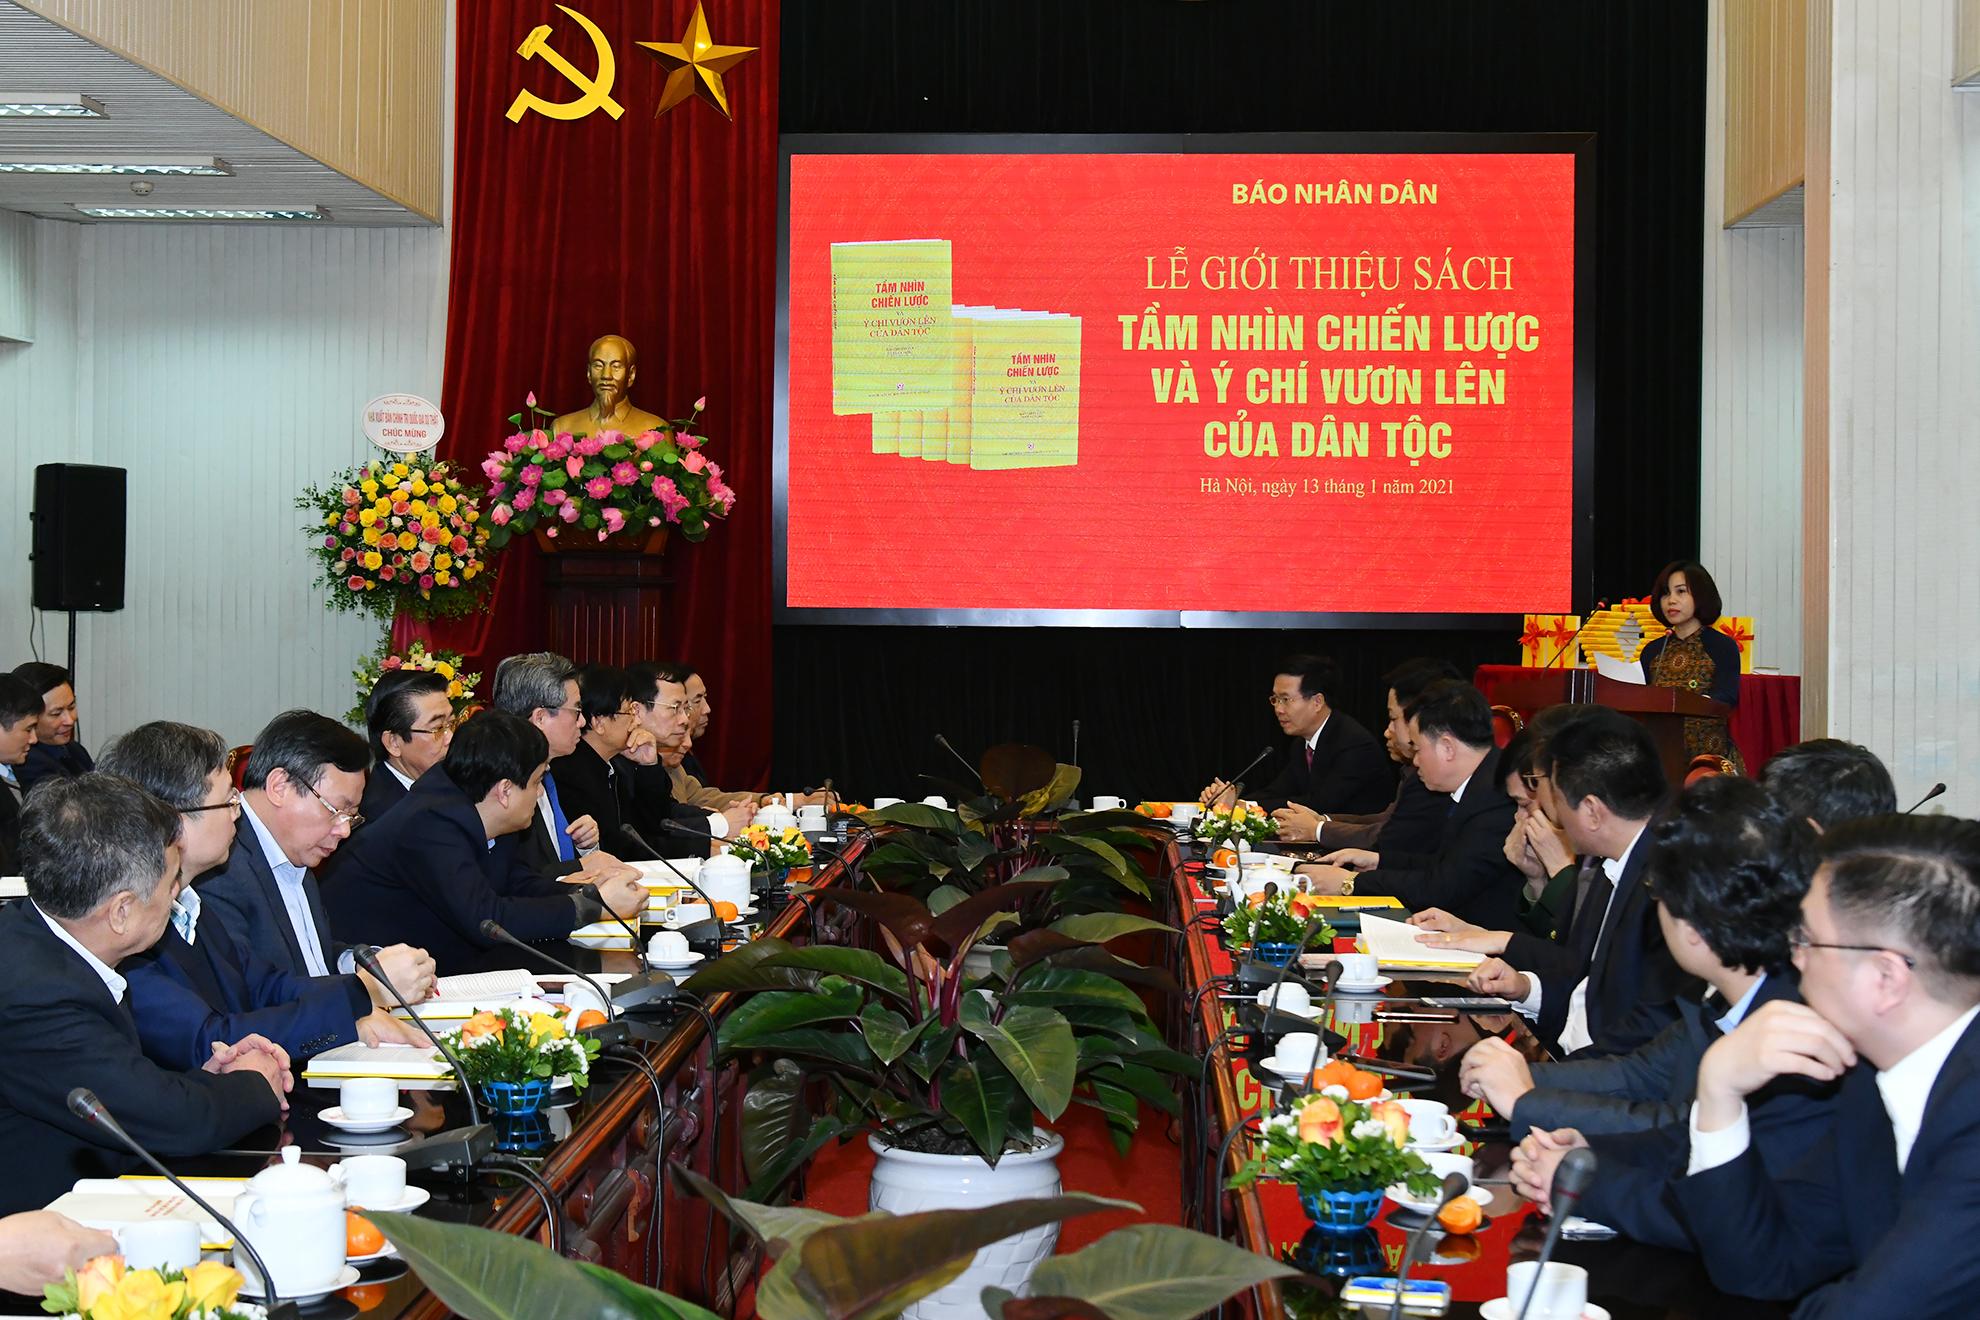 Giới thiệu cuốn sách hưởng ứng các bài viết của Tổng Bí thư, Chủ tịch nước